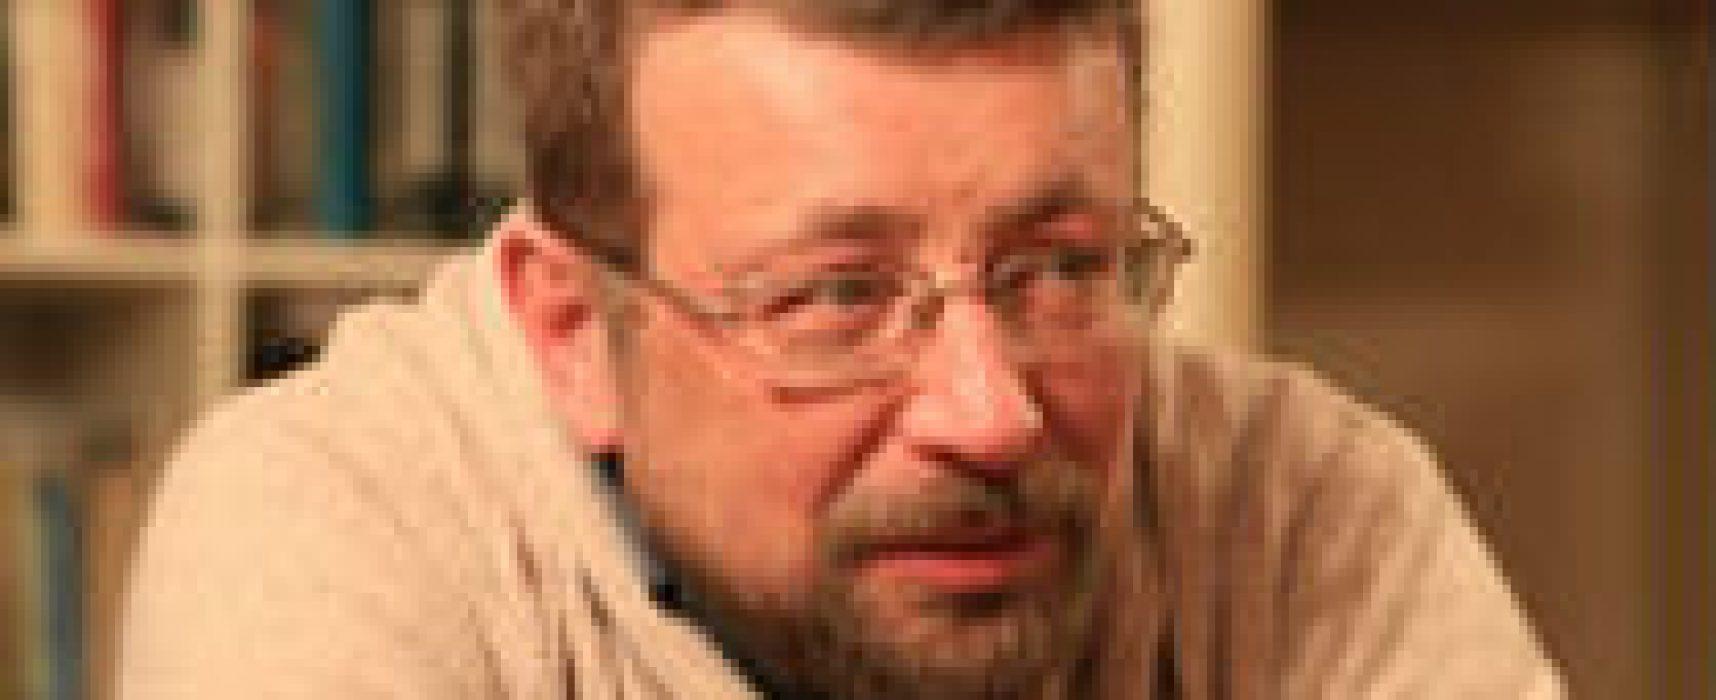 Илья Мильштейн: Ложно и нужно